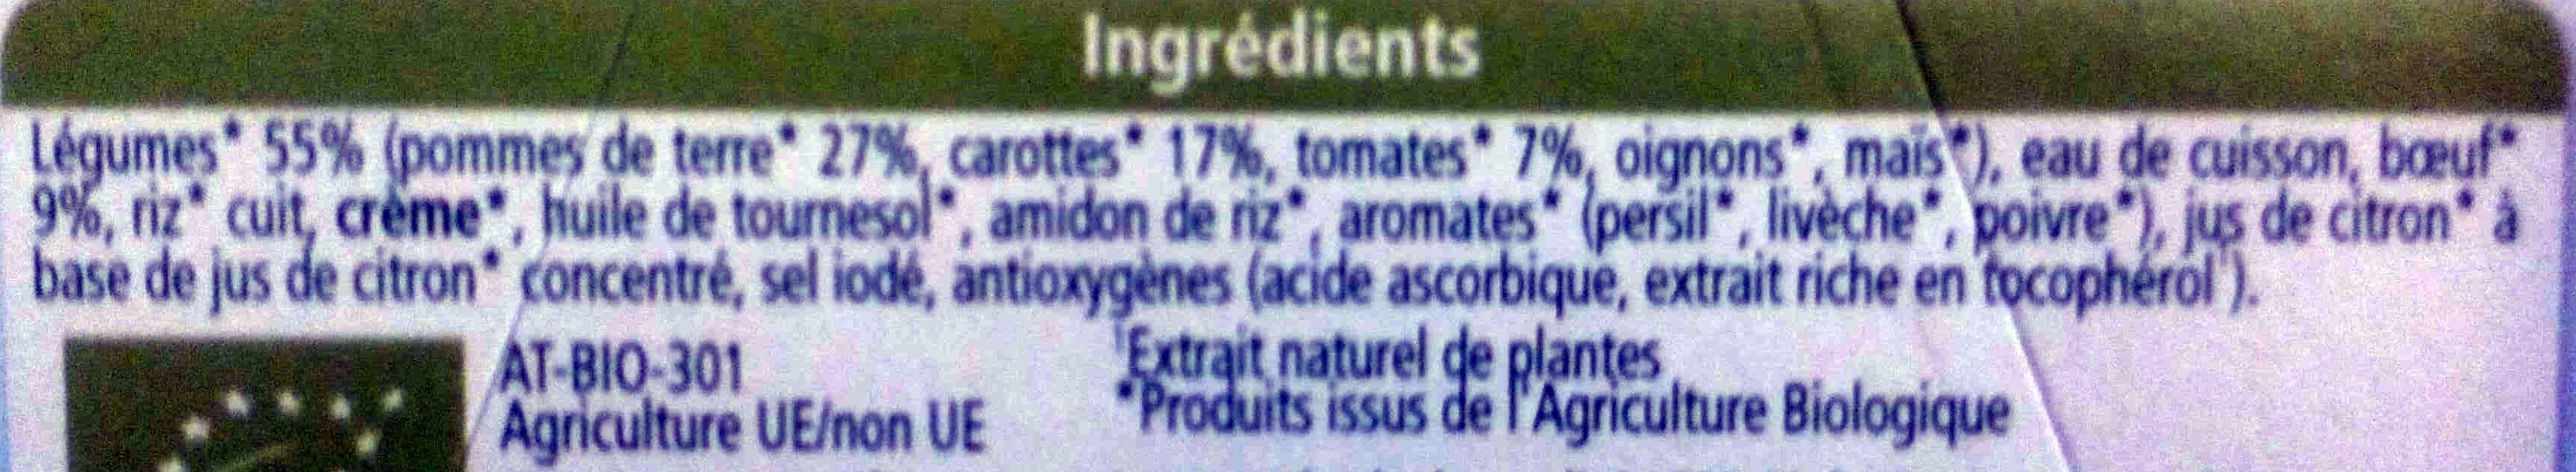 Jardinière de Légumes Bœuf - Inhaltsstoffe - fr